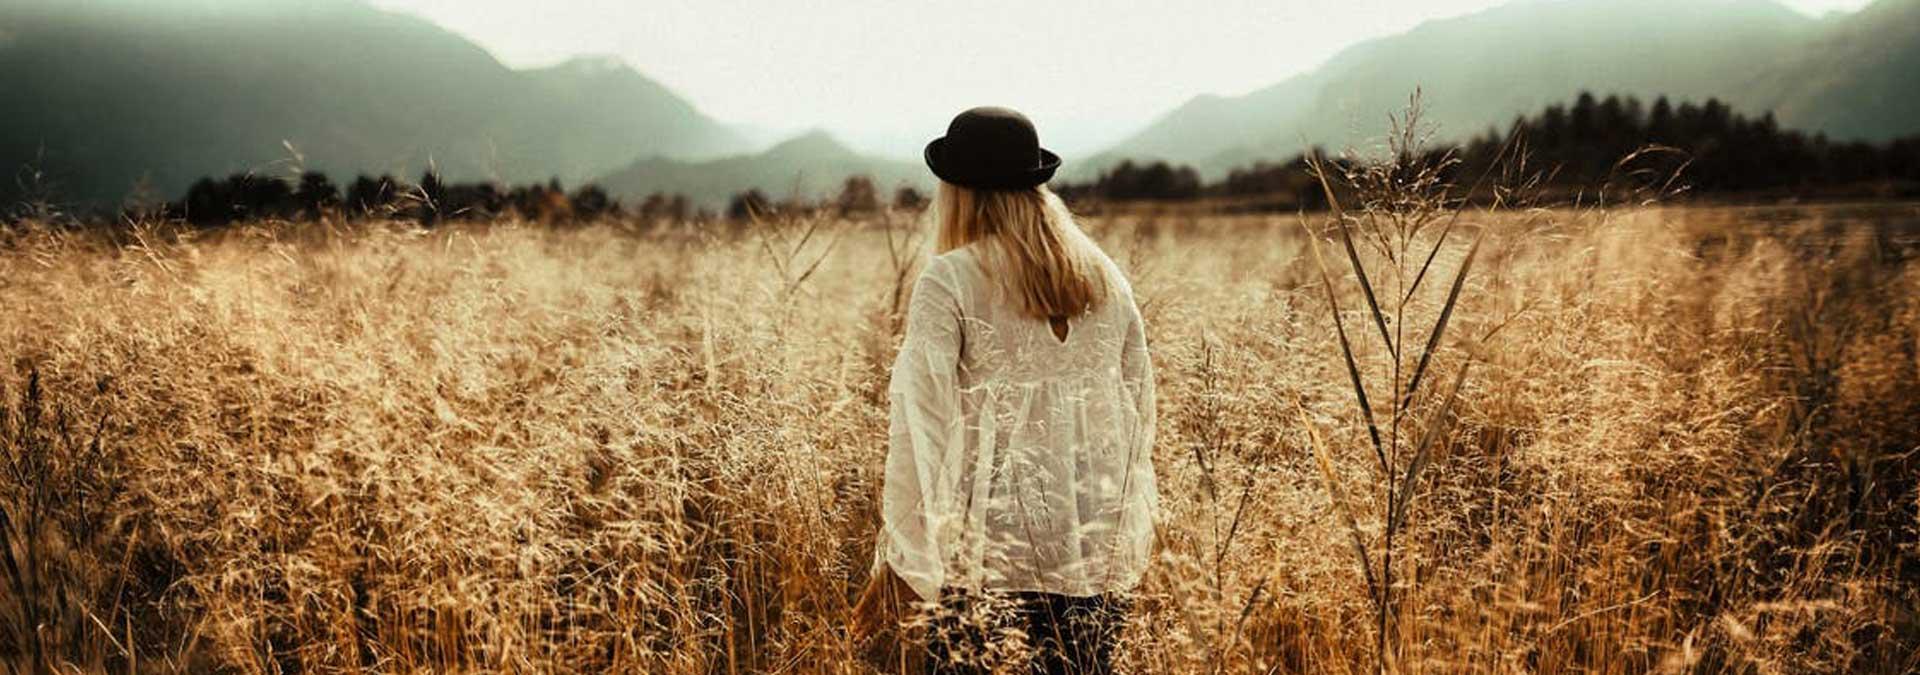 de mooiste ZINGEVING quotes, spreuken, citaten en levenslessen voor een zinvol leven - ingspire